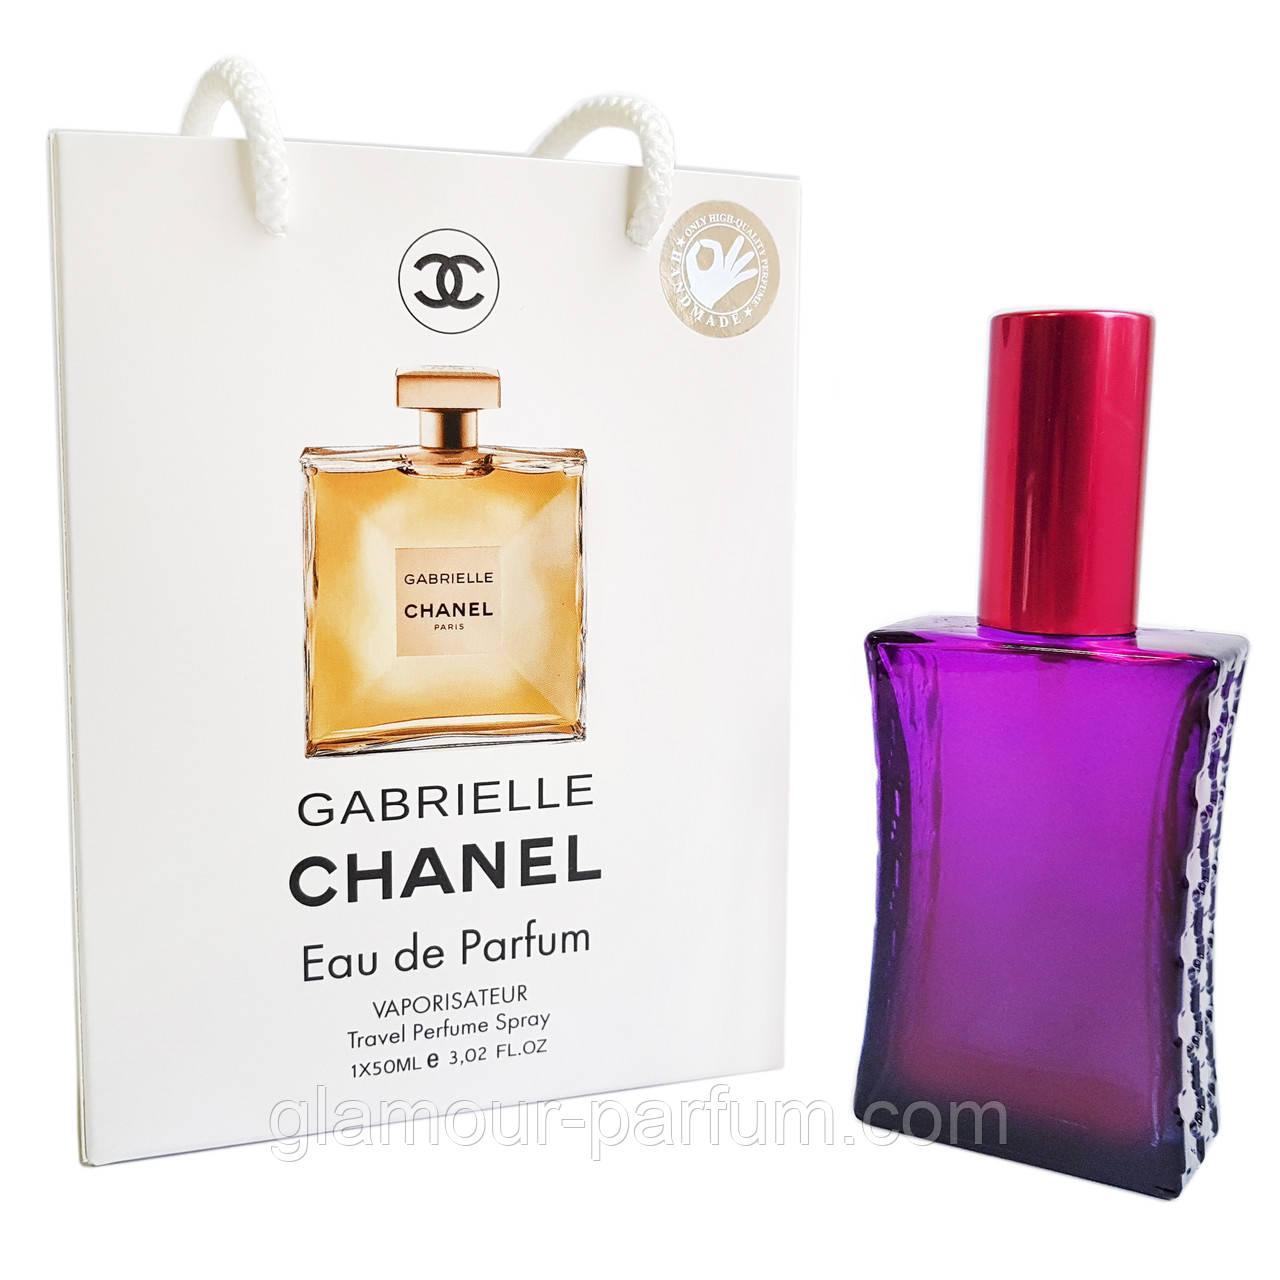 Chanel Gabrielle (Шанель Габриэль) в подарочной упаковке 50 мл. - Glamour-Parfum - элитная парфюмерия, декоративная и органическая косметика в Харькове